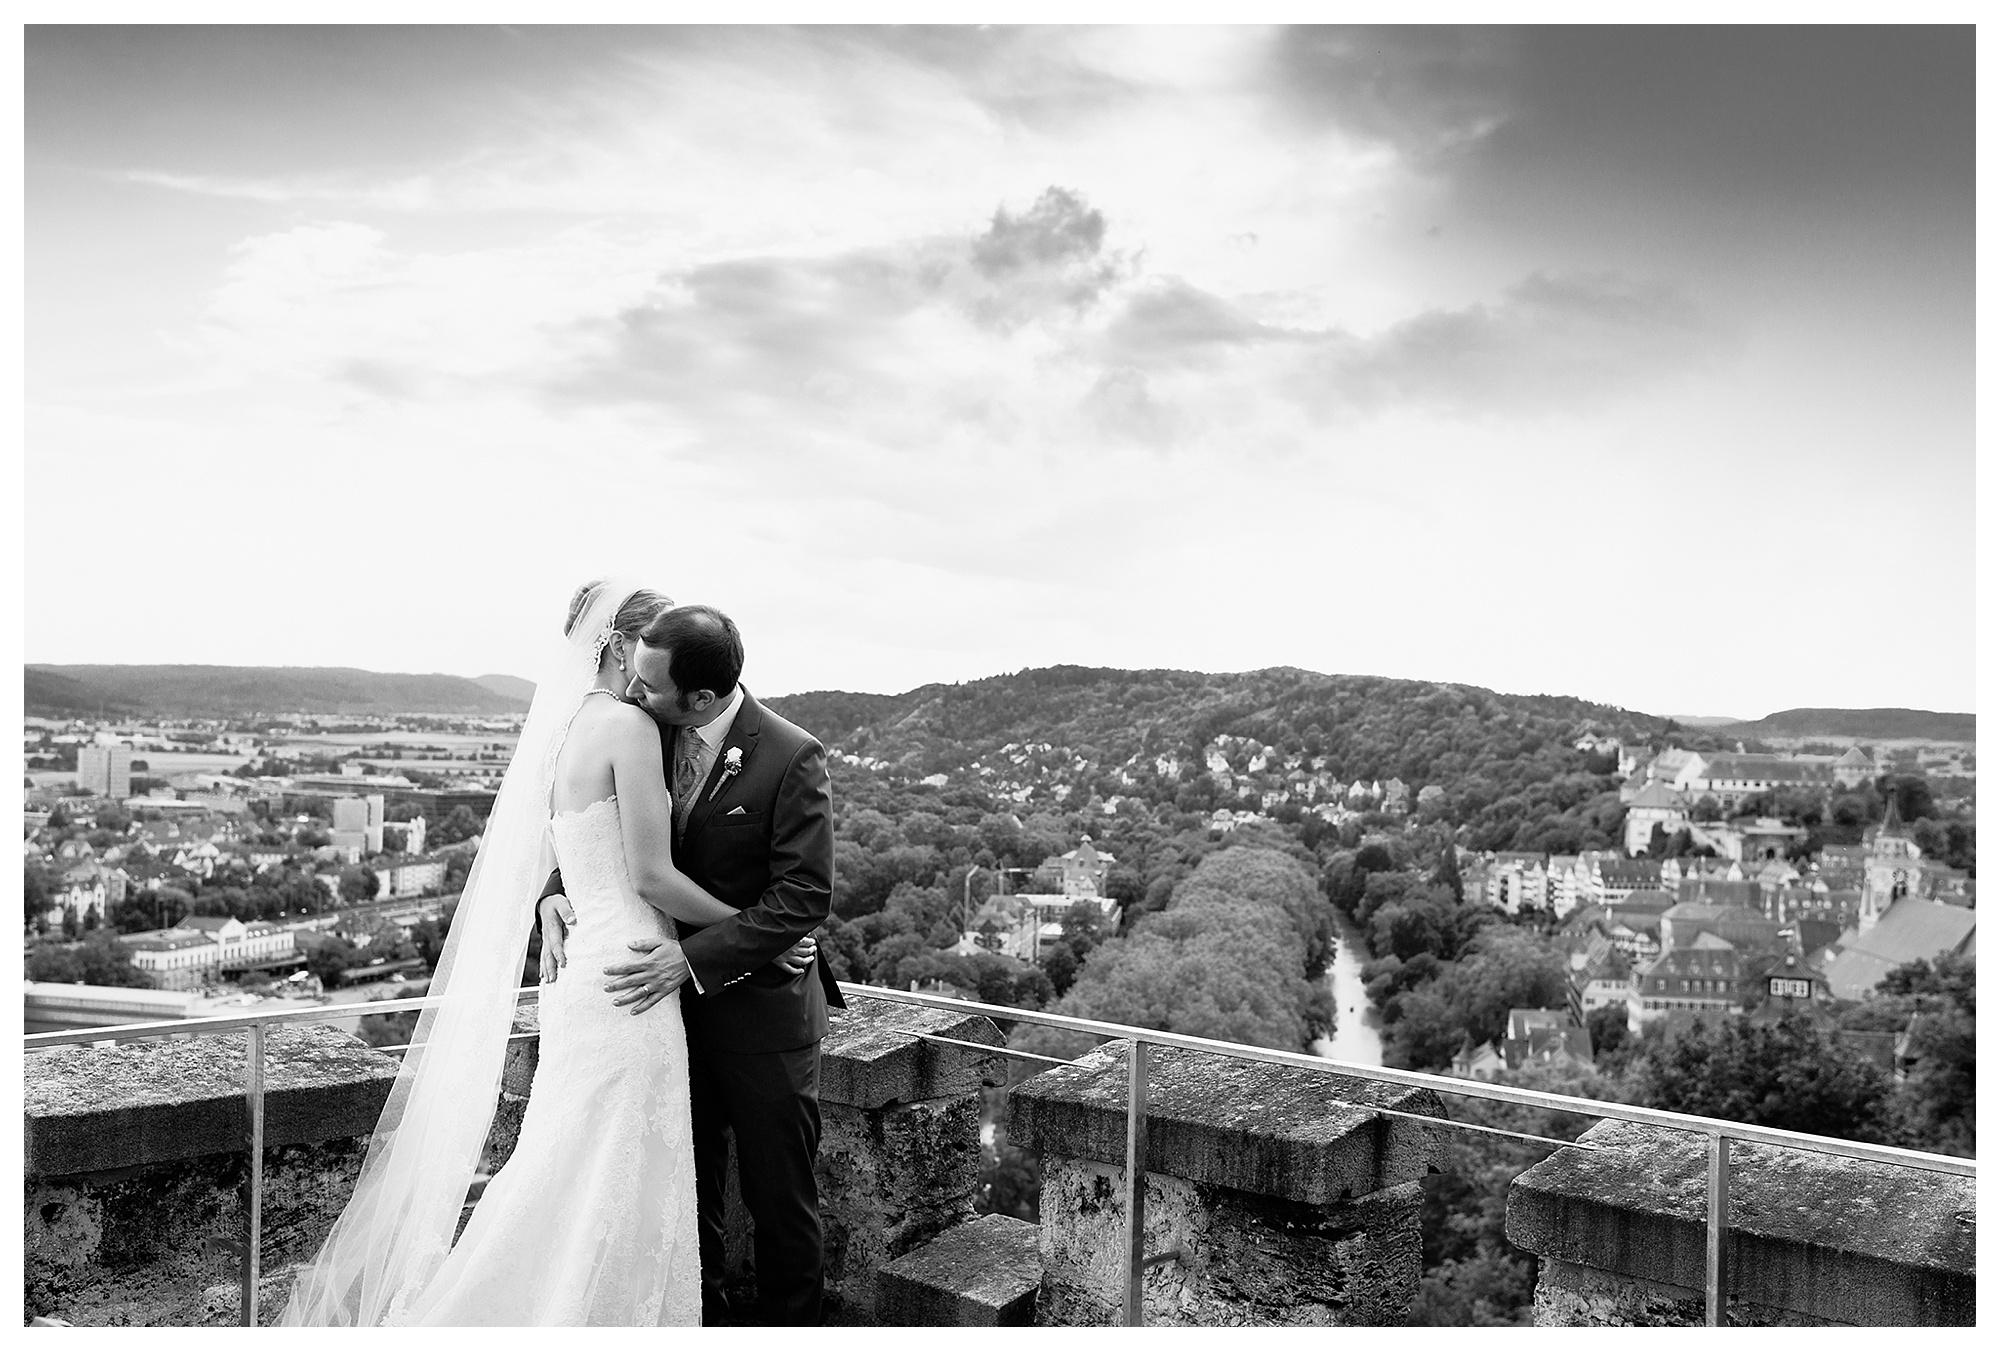 Fotograf Konstanz - Best of 2014 Elmar Feuerbacher Photography Hochzeit Portrait 038 - Rückblick auf 2014  - 110 -